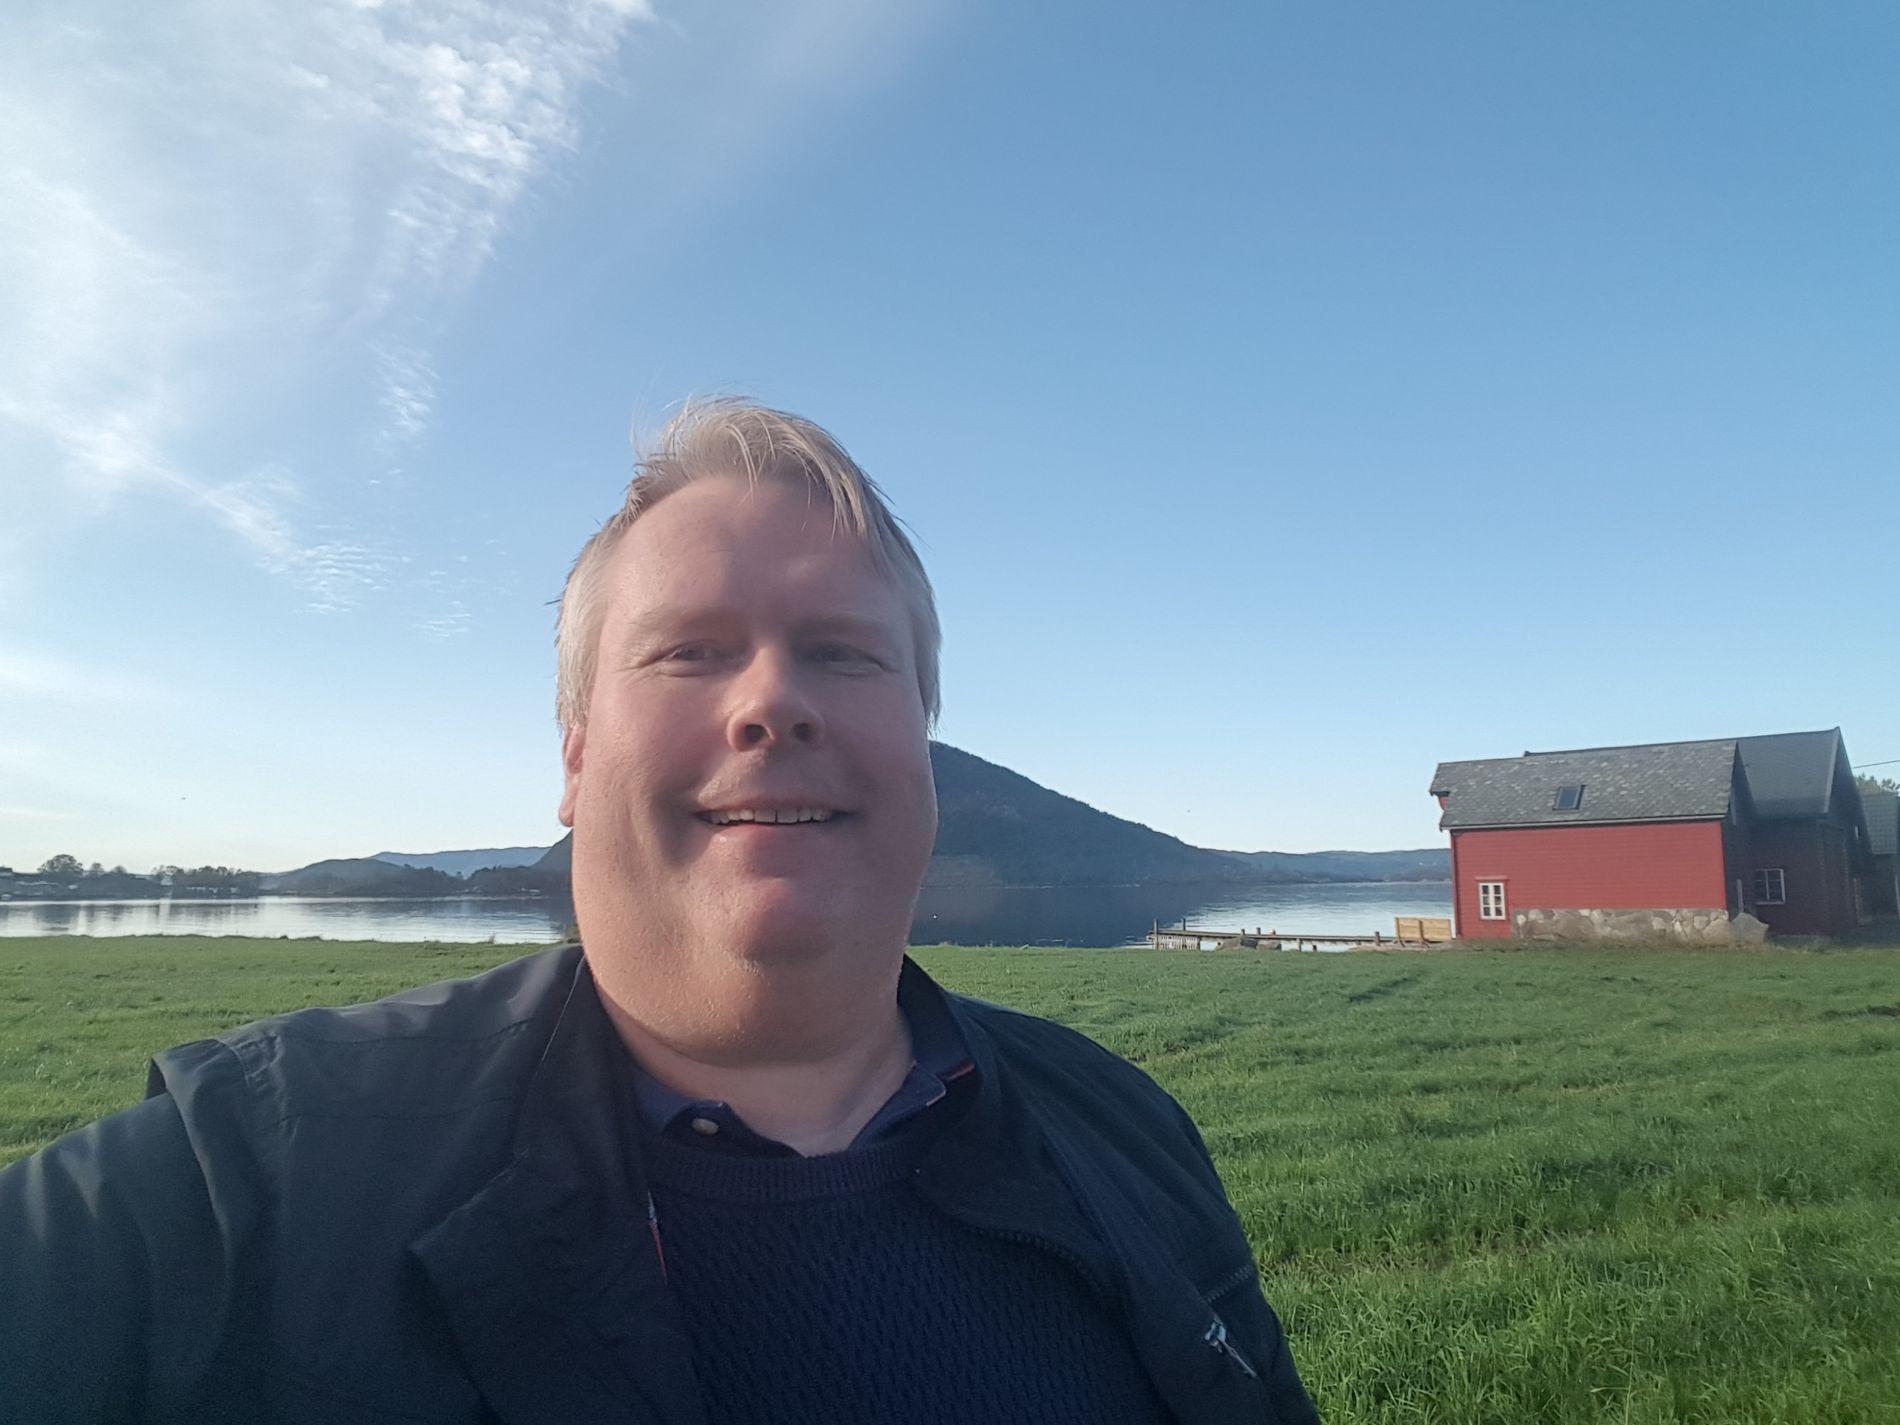 STUNTPOET: Arne Torget fra Kvinnherad, som lenge kommenterte nyheter med dikt for lokalaviser, har nå fått kjemperespons på sitt dikt «LOTHEPUS OG MANNEN» på Facebook.